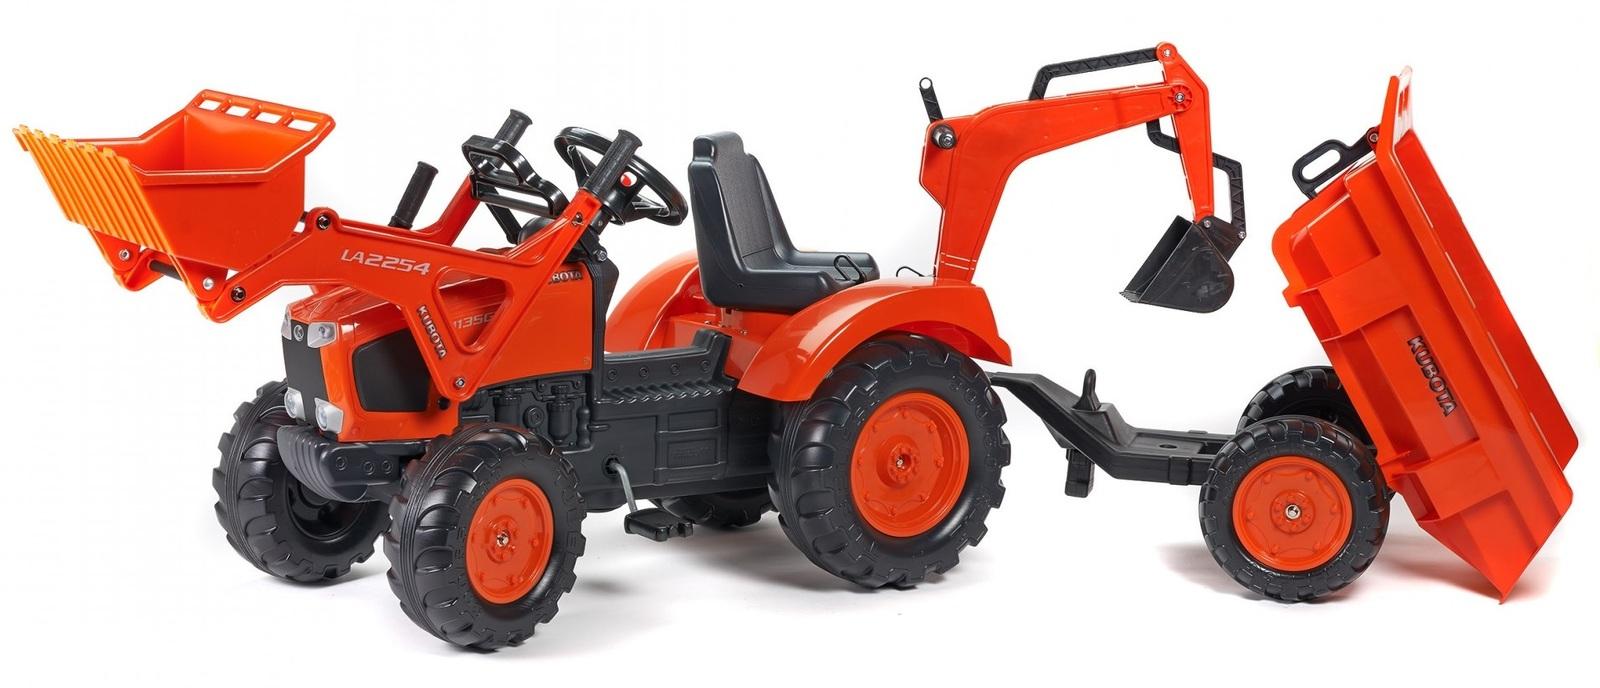 Falk: Kubota Pedal Tractor - Backhoe with Excavator image